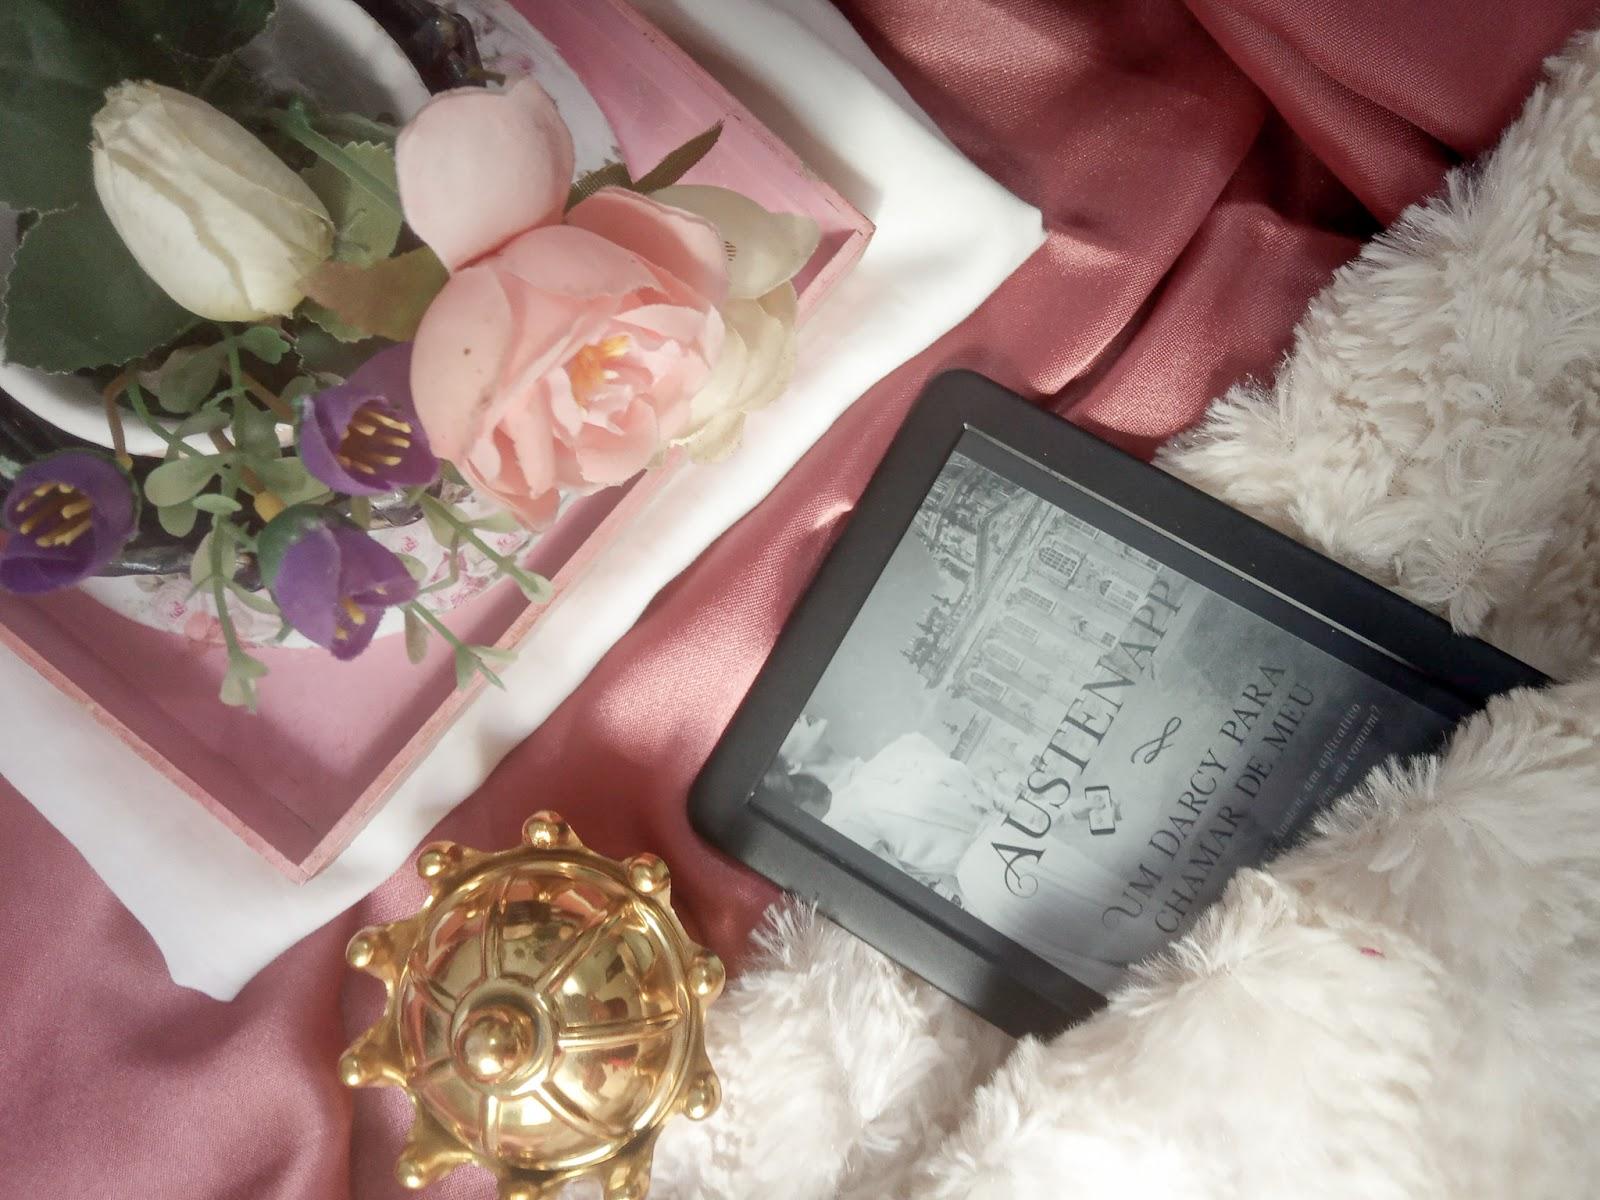 Foto com fundo mesclado vermelho vinho e liso, com uma bandeija em cima de um tecido liso branco contendo um vaso de flores e uma coroa dourada embaixo, no tecido branco e peludo se encontra um kindle com a capa de AustenApp